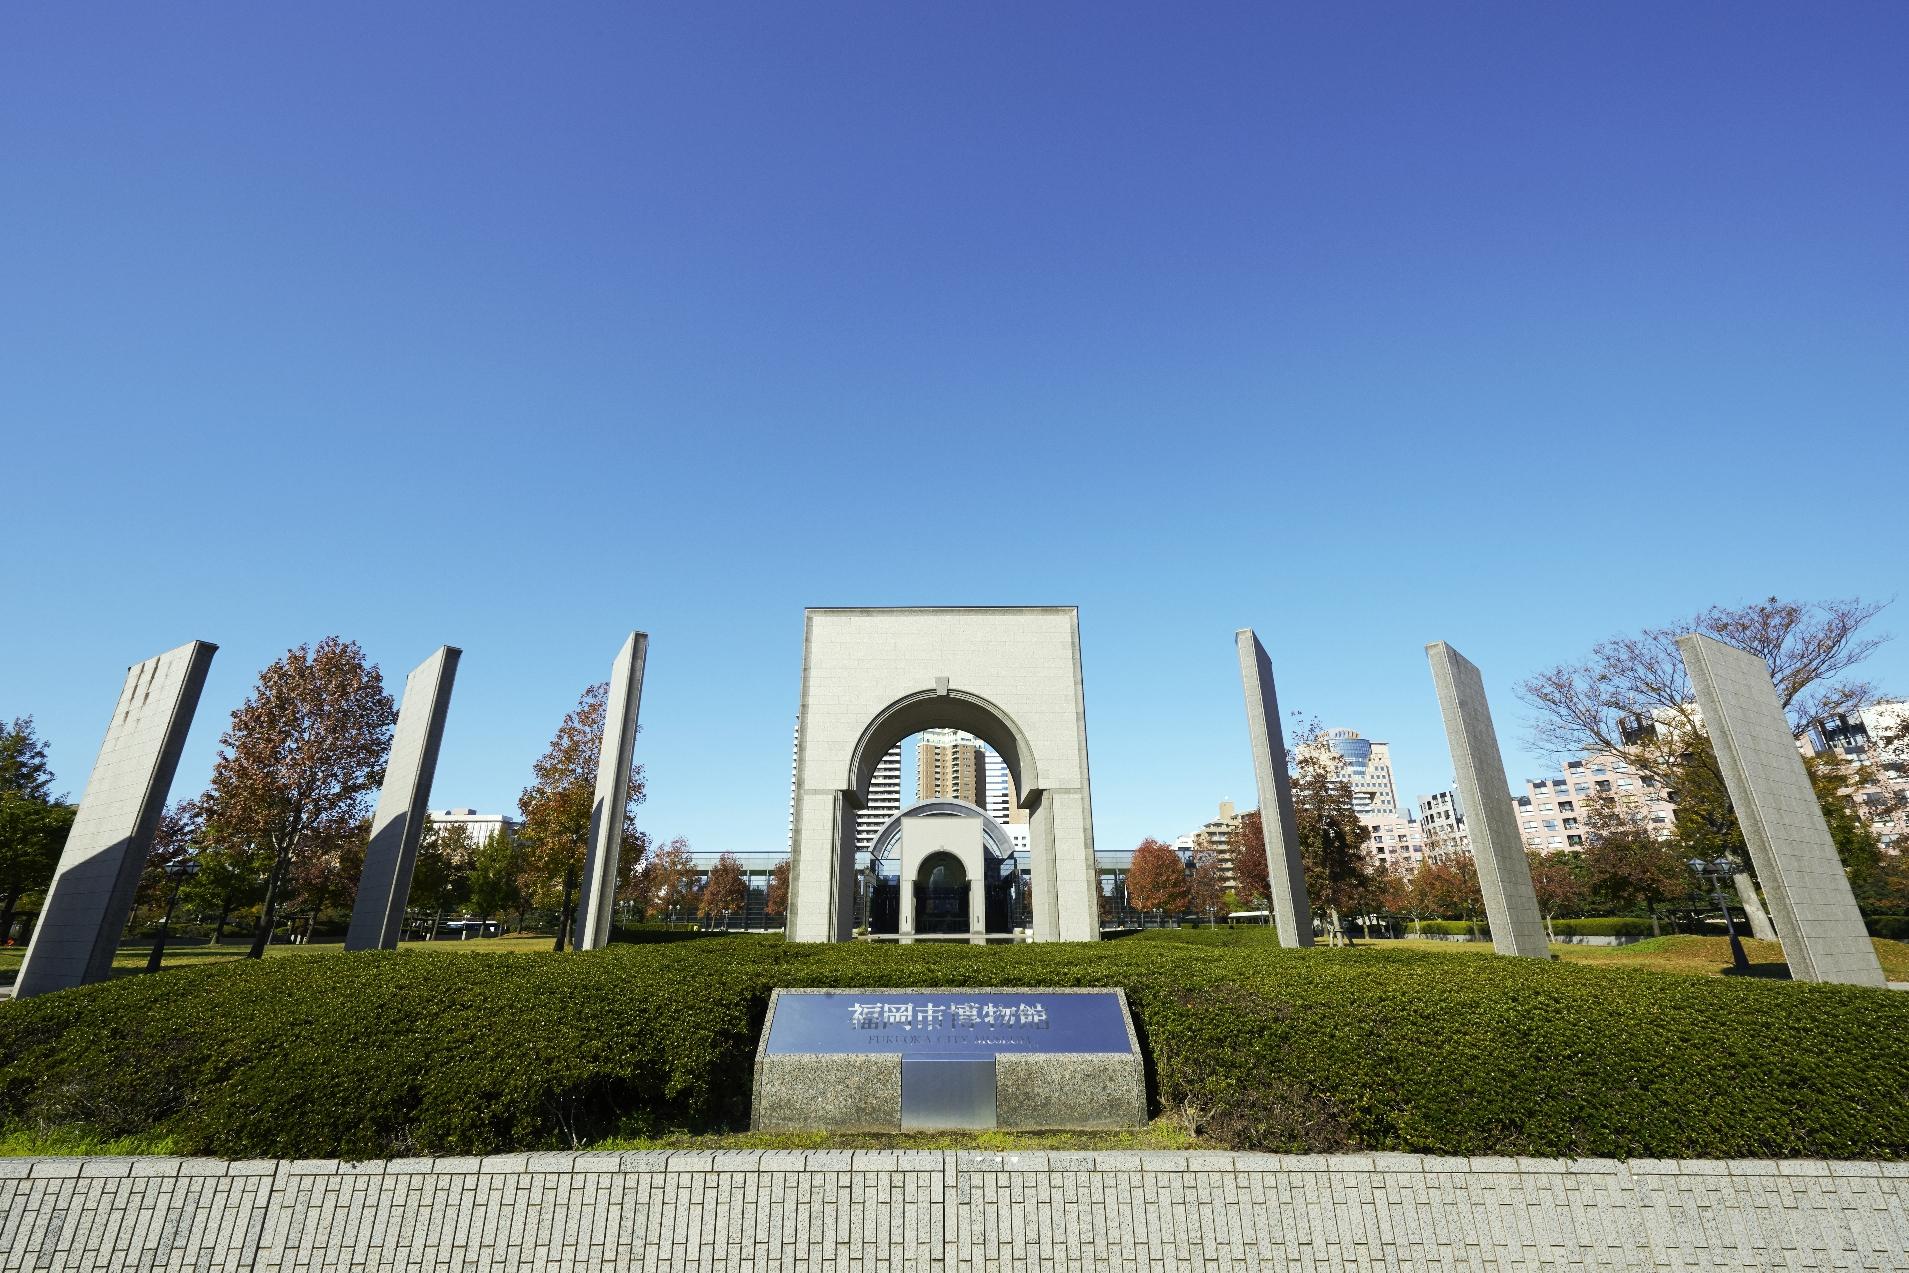 福岡市博物館・外観(2013)の画像